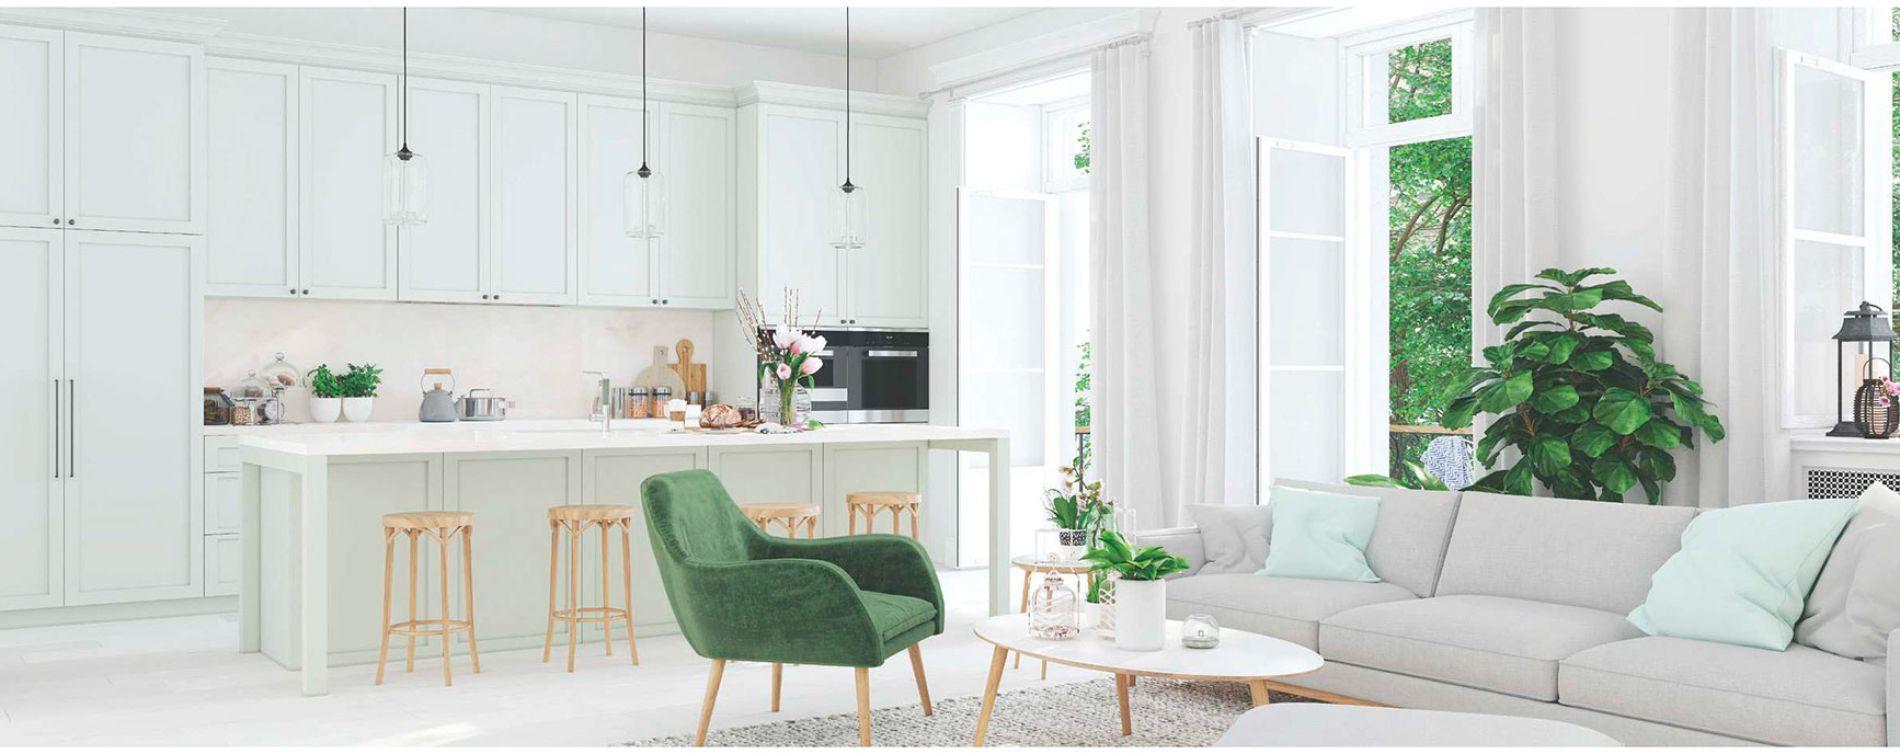 Le Lavandou : programme immobilier neuve « Nouvelle Ère » (2)